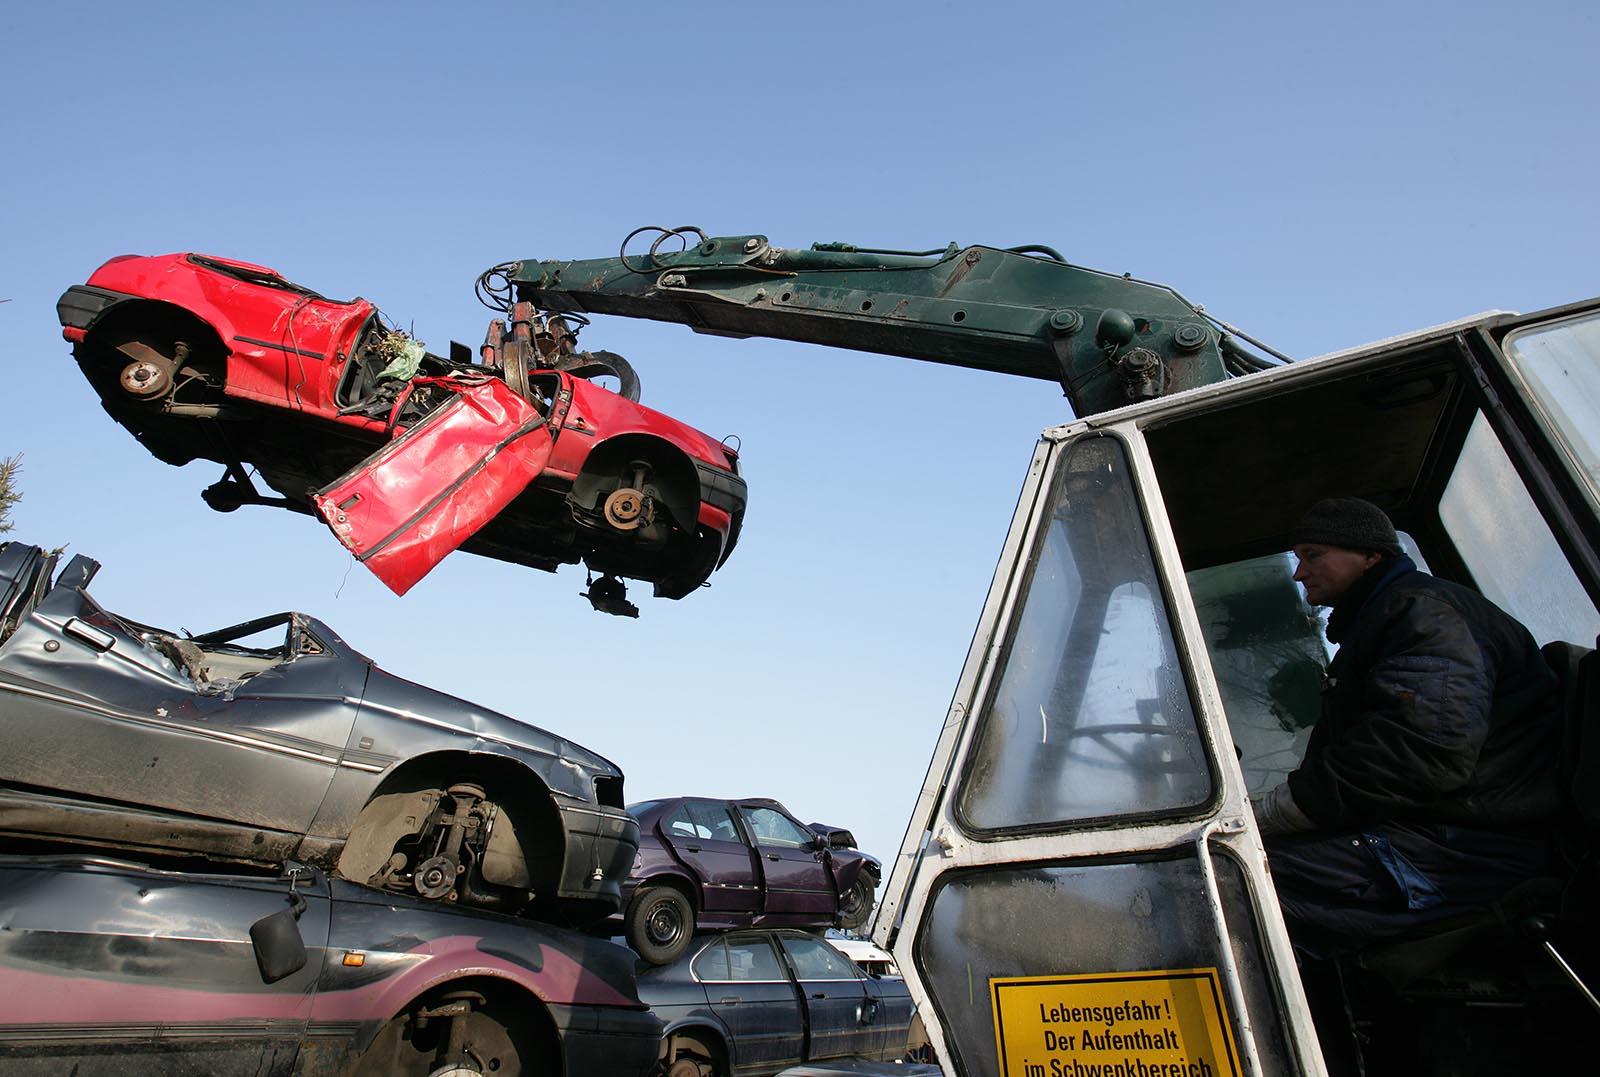 Vår bilskrot i Västmanland är auktoriserad.